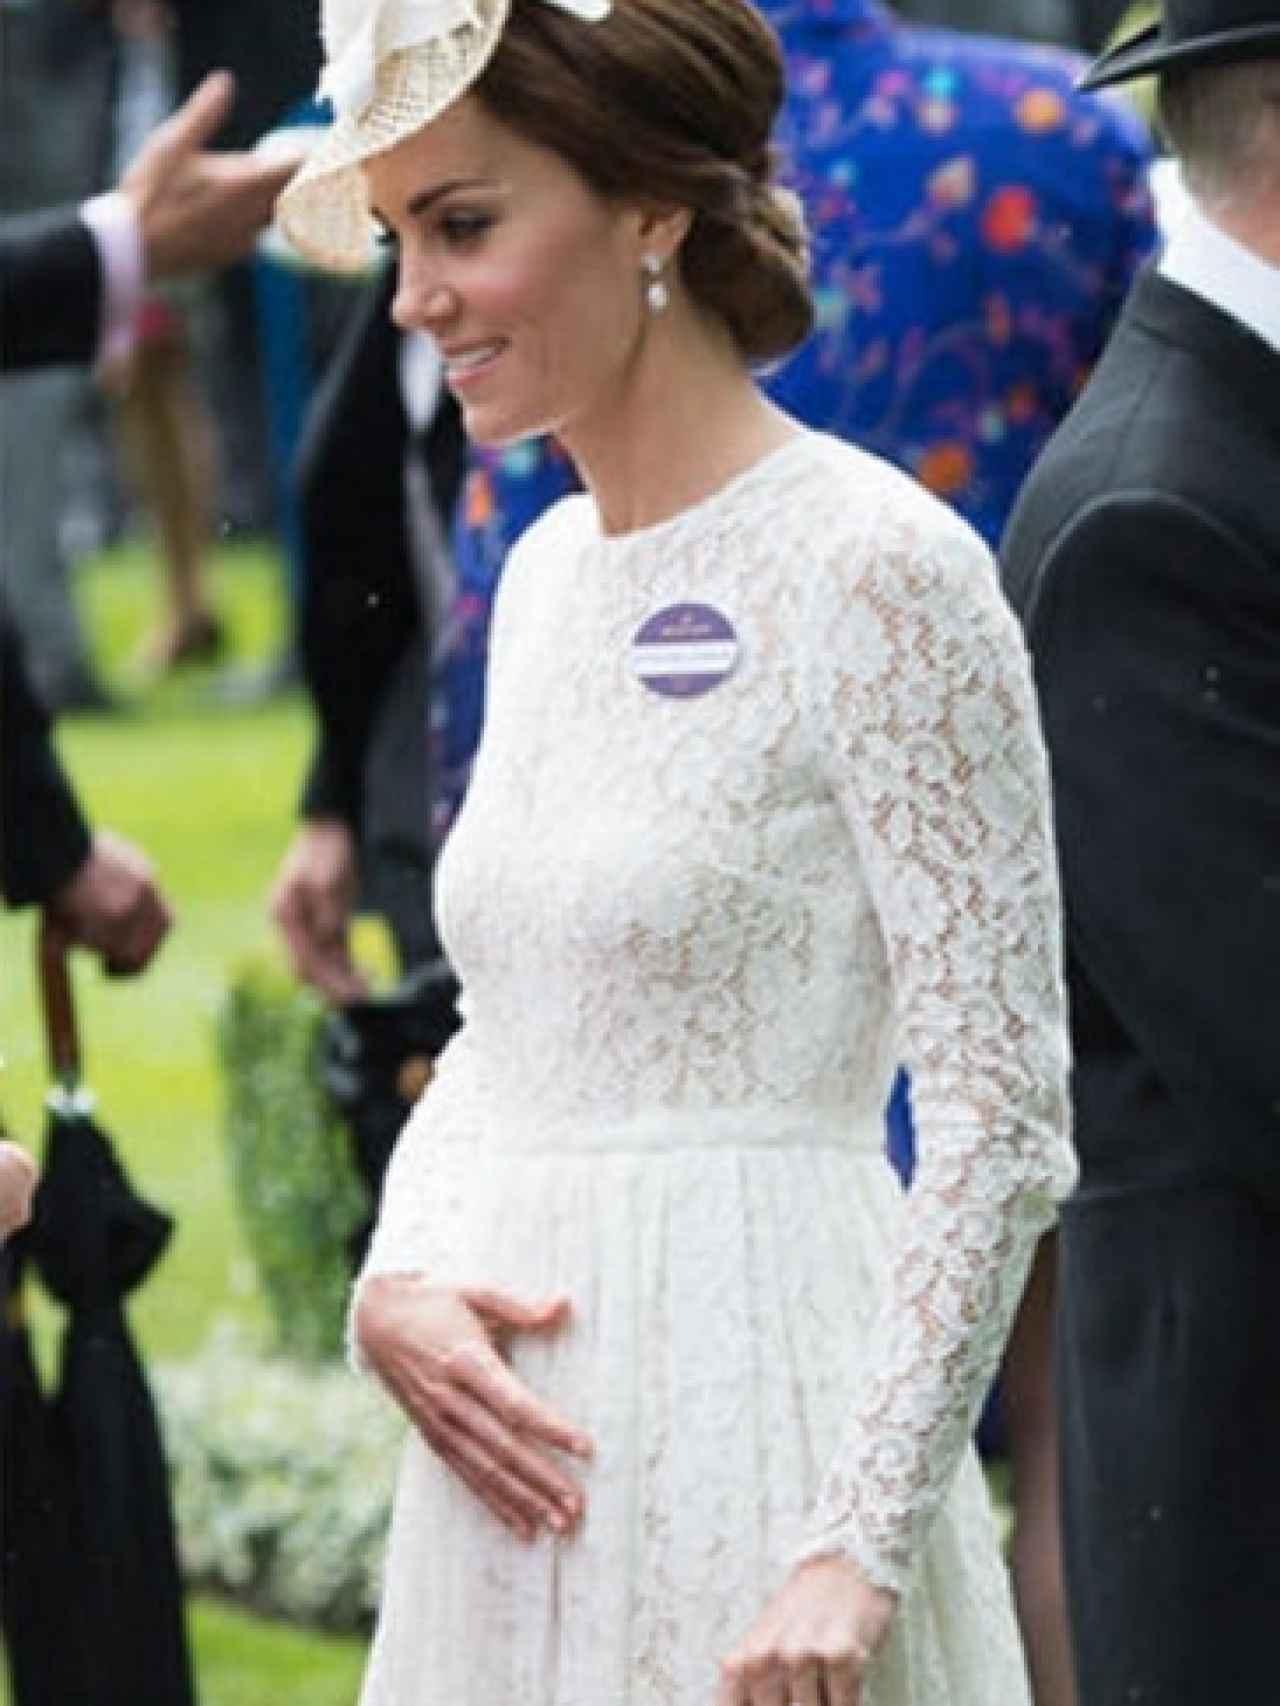 Los gestos de Kate Middleton sobre su tripa generaron los rumores sobre un posible embarazo.